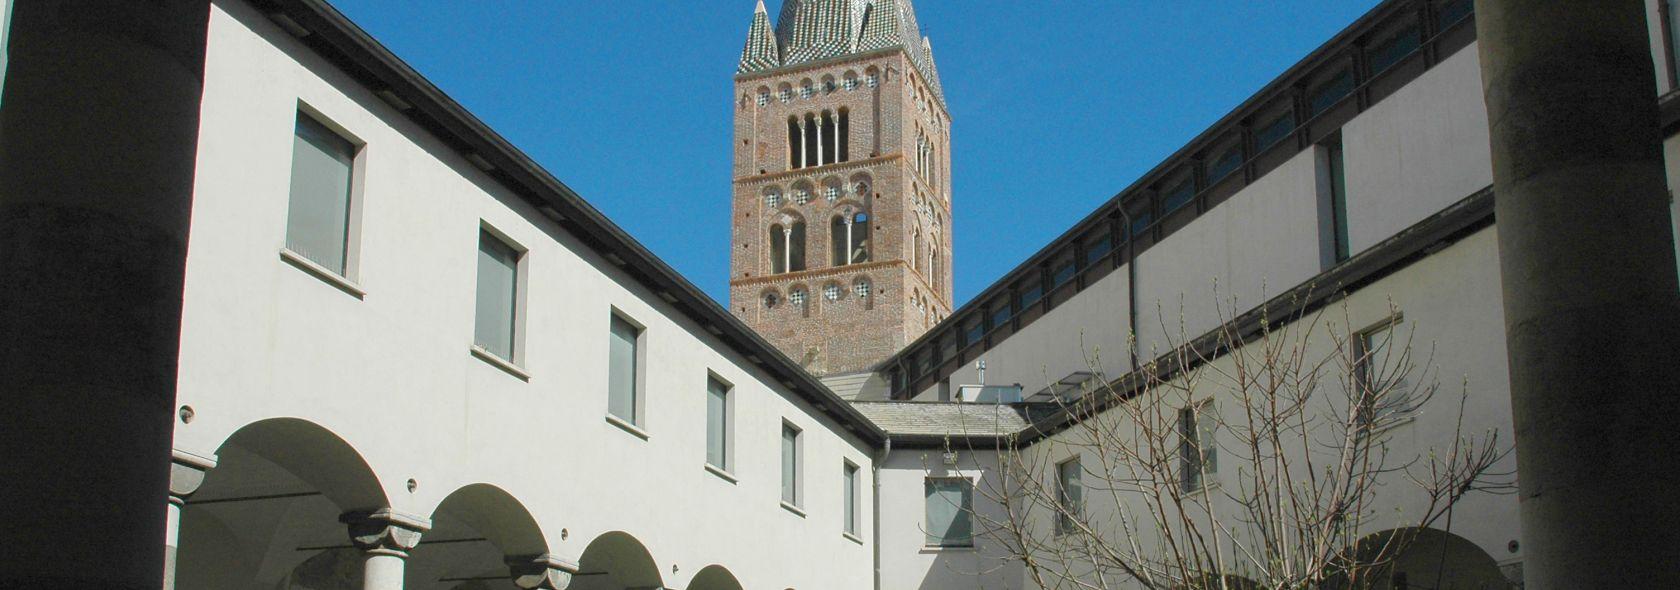 Il chiostro triangolare ed il campanile